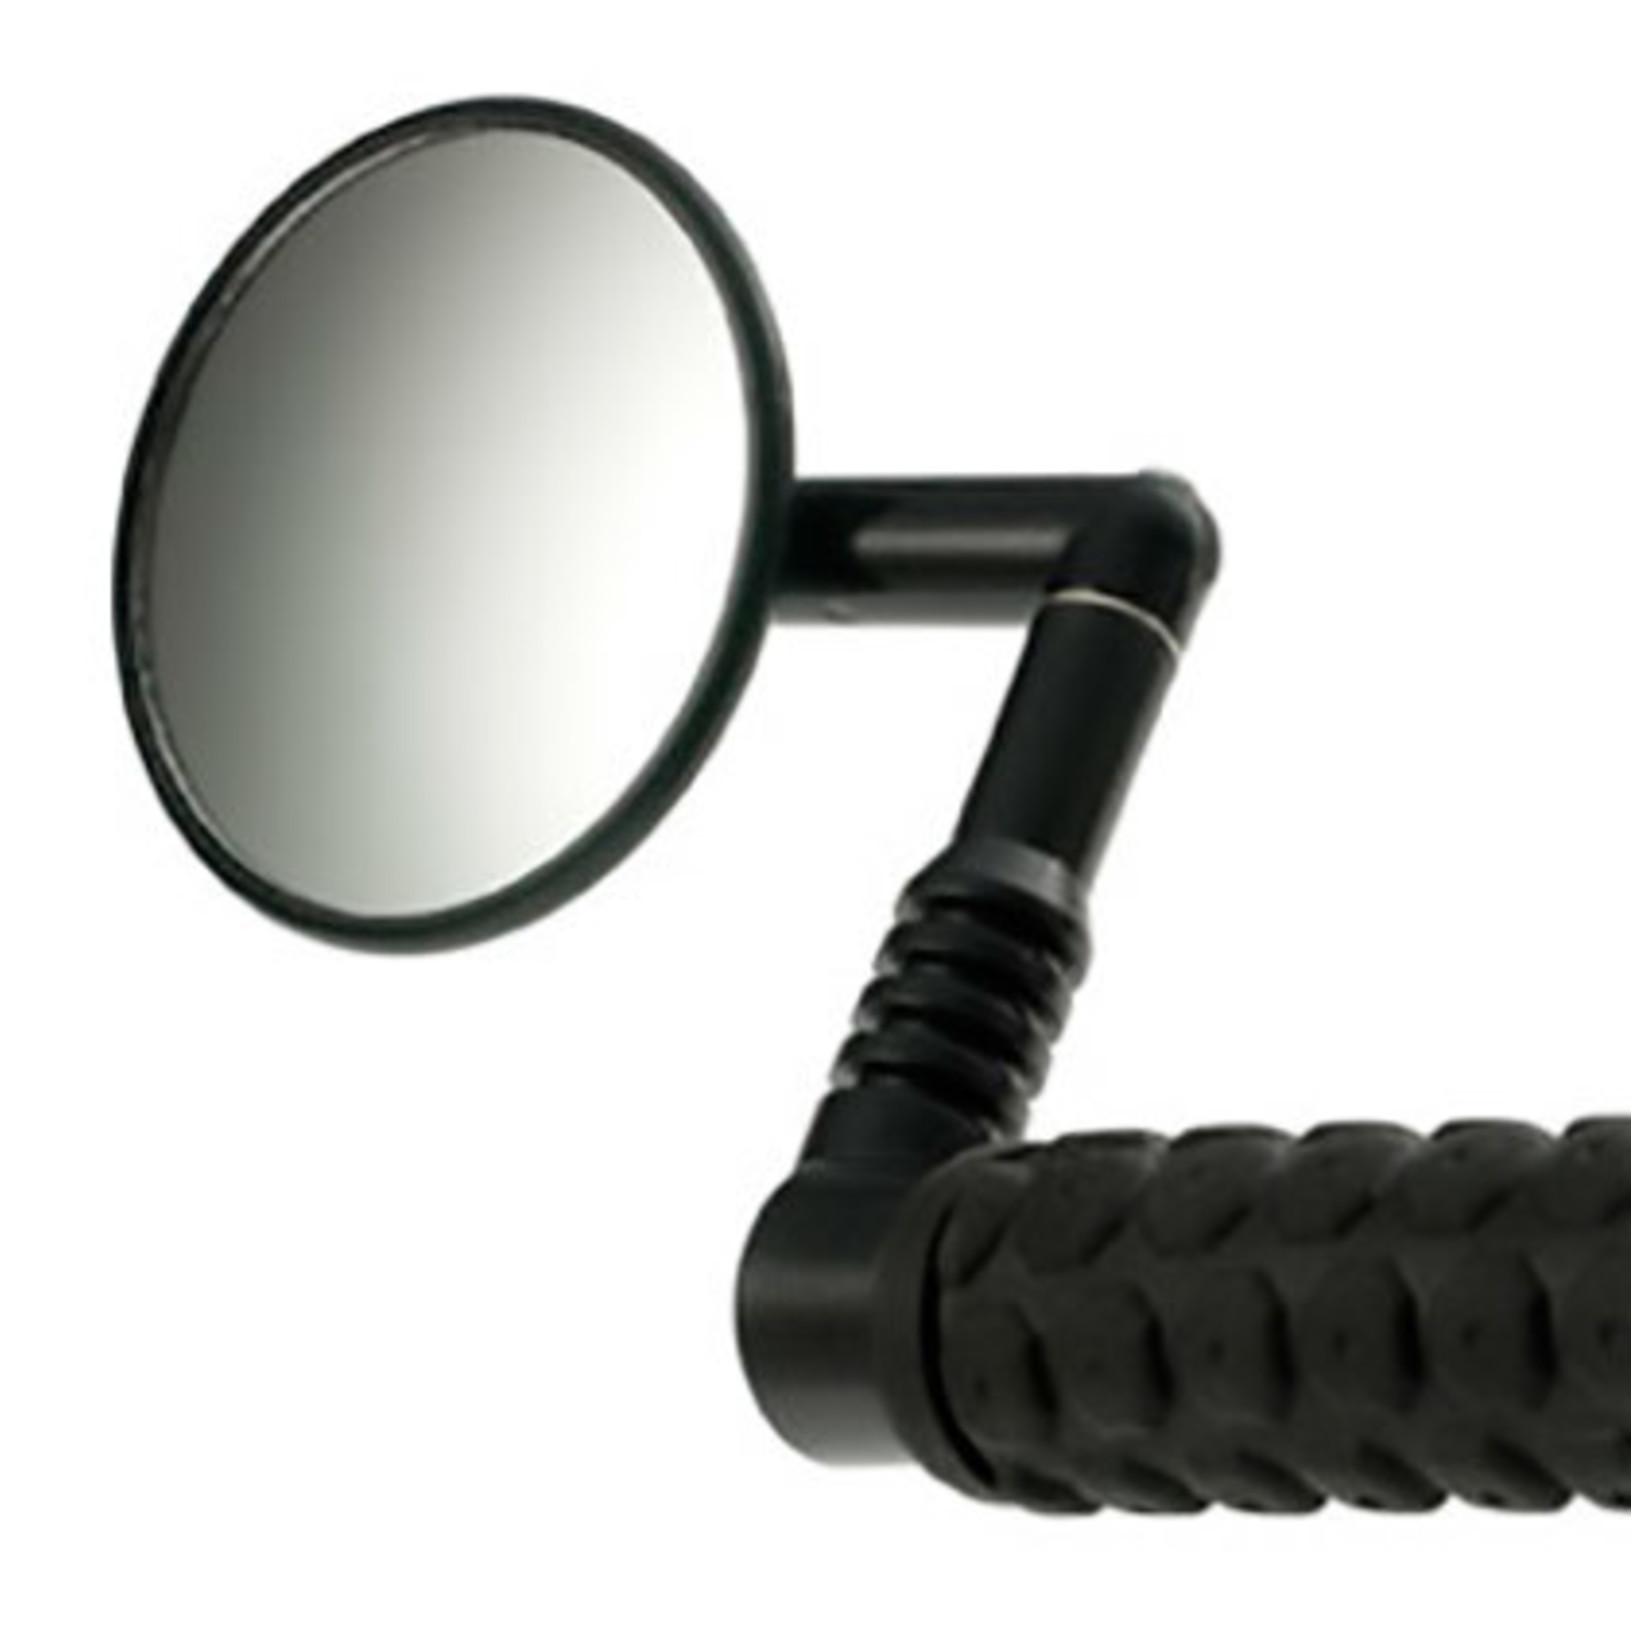 Mirrycle Mirrycle Mirror Flatbar